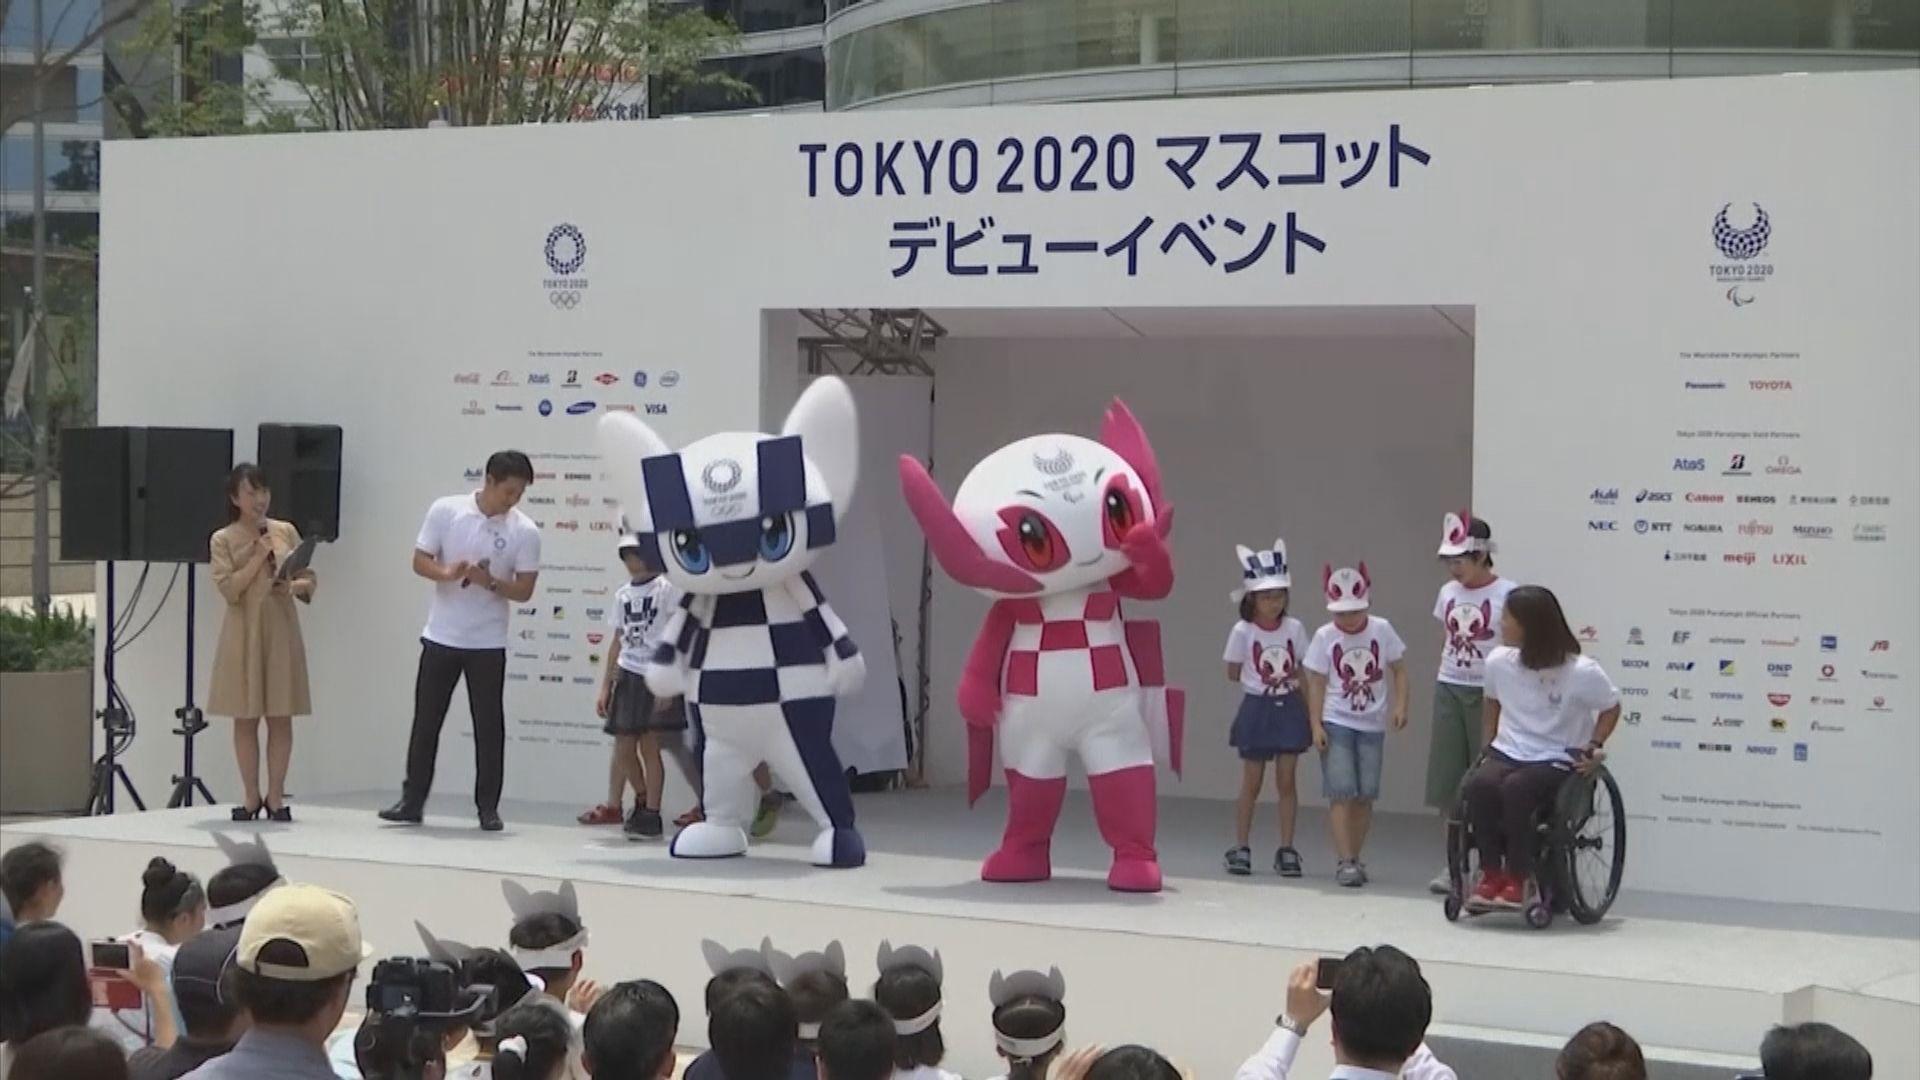 東京奧運將從簡舉行以節省開支